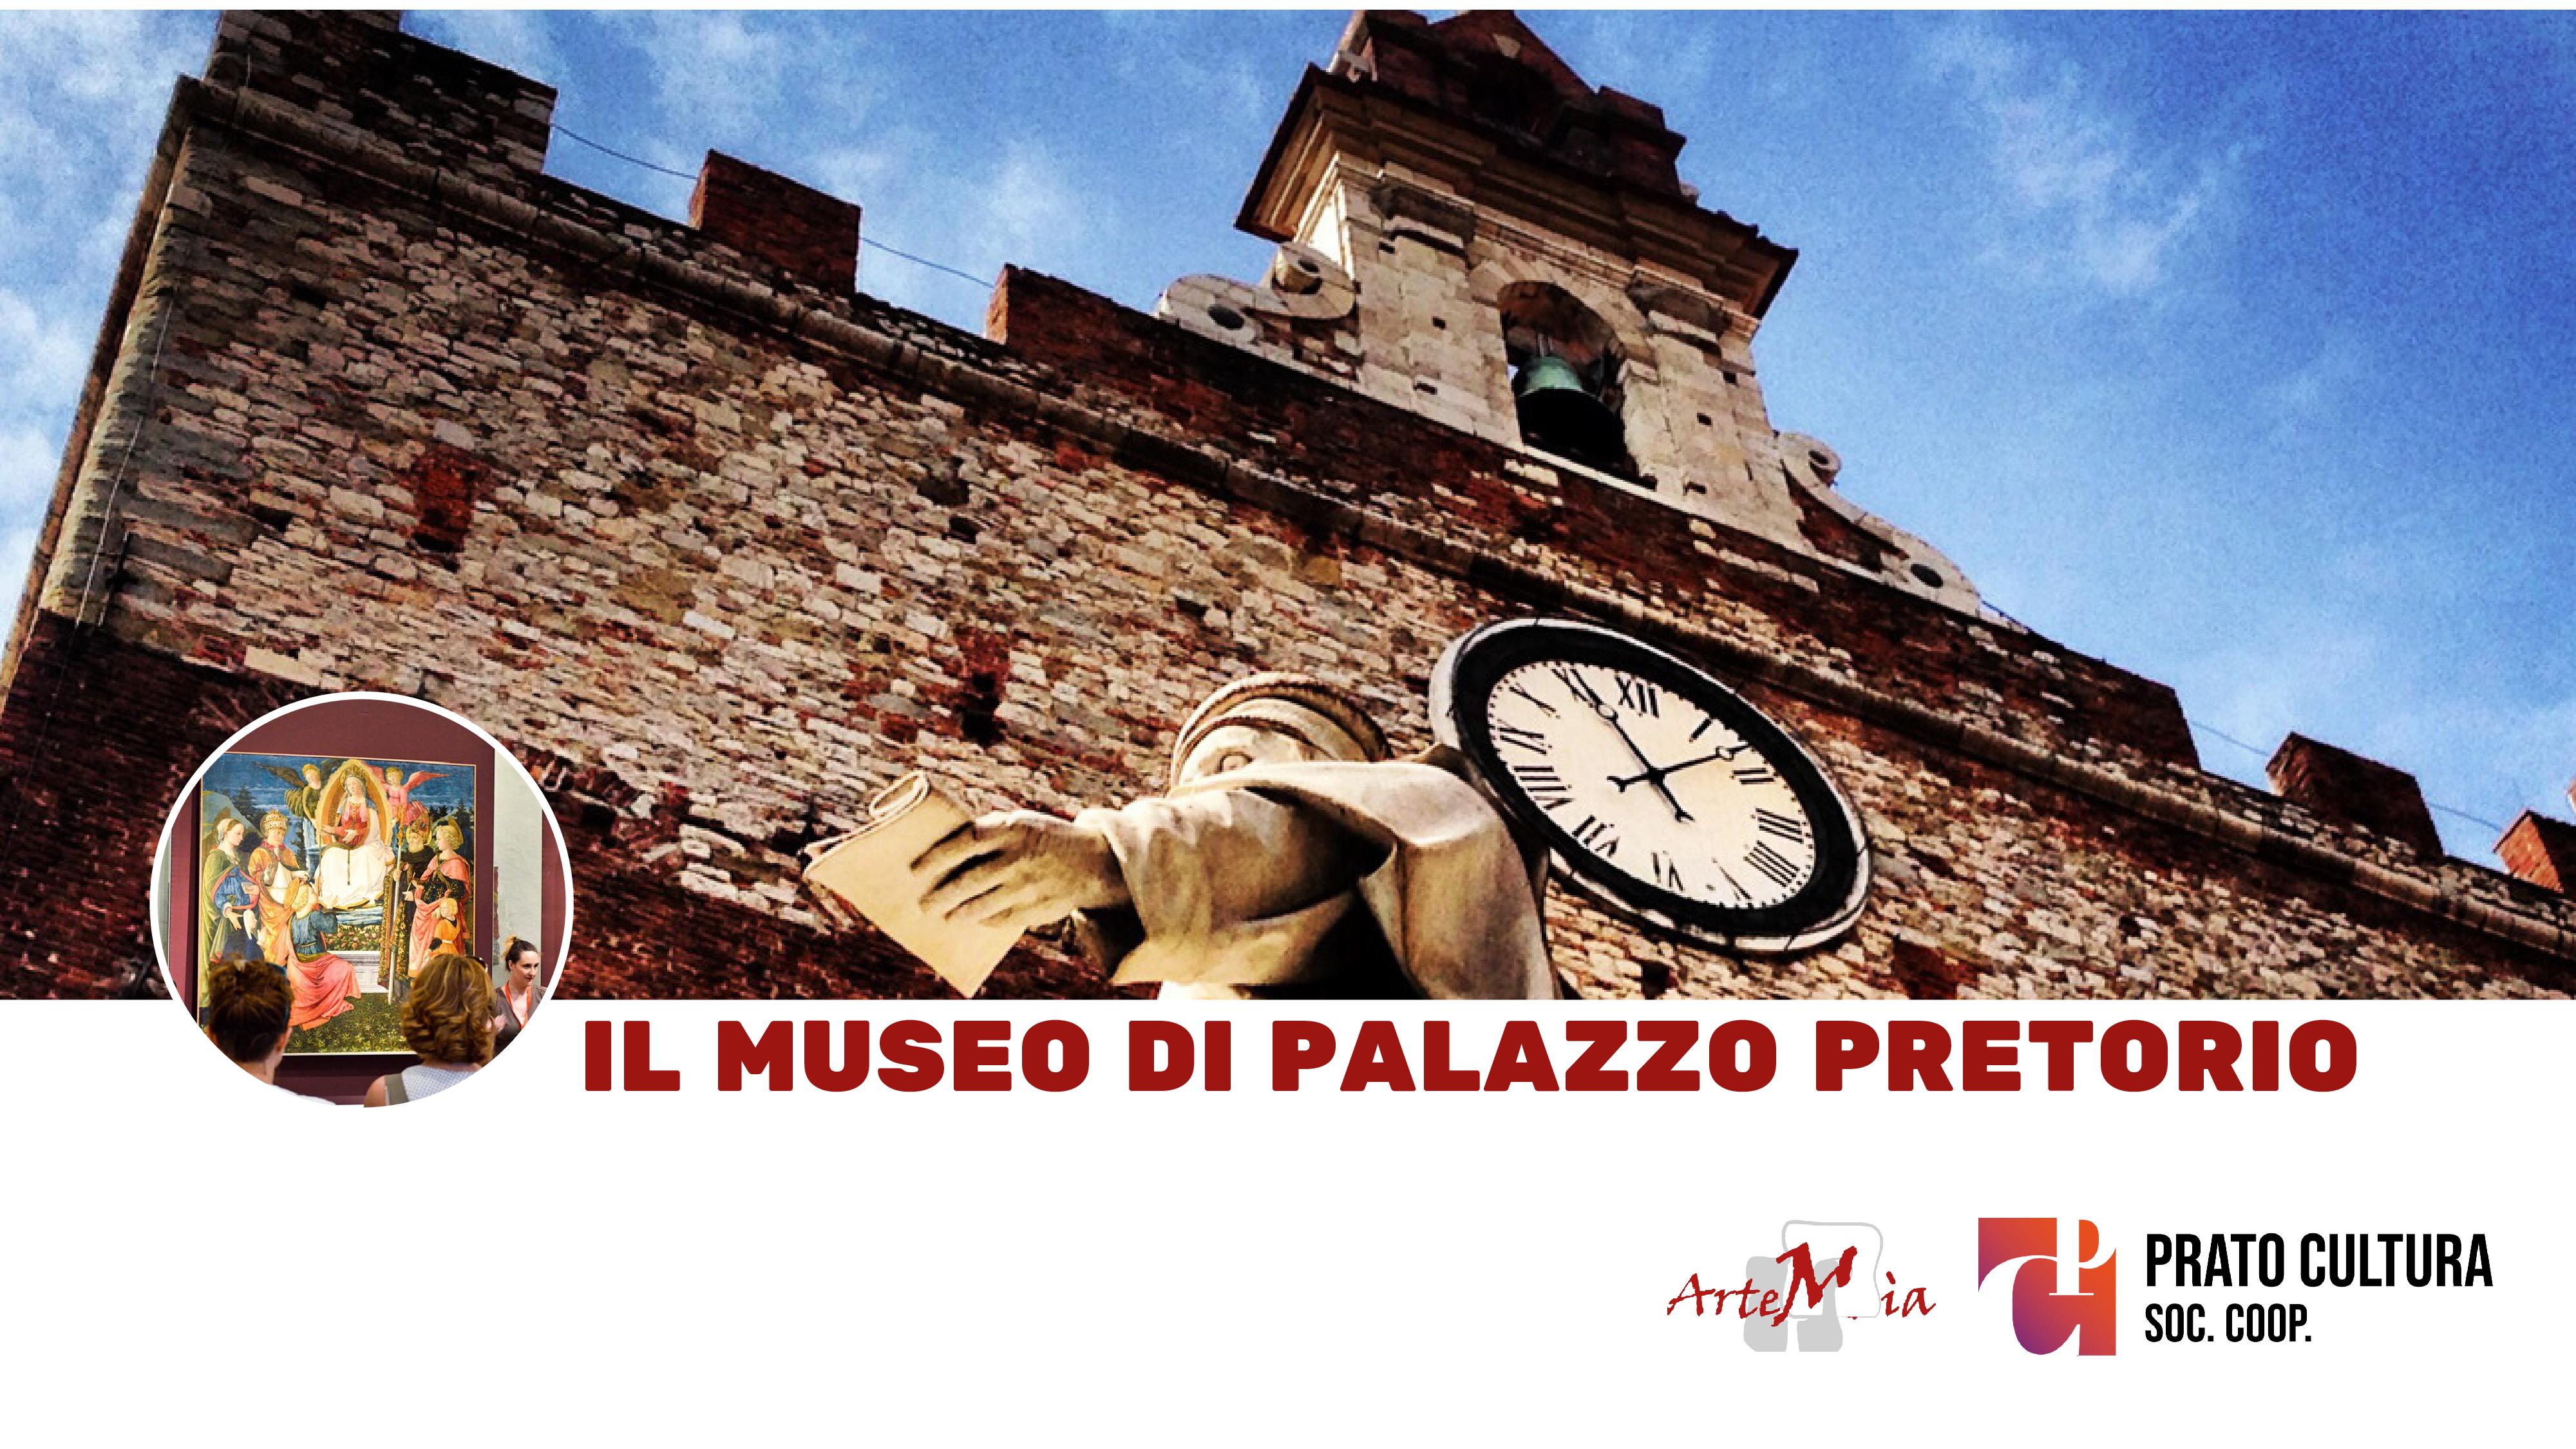 Visita: Il Museo di Palazzo Pretorio a Prato